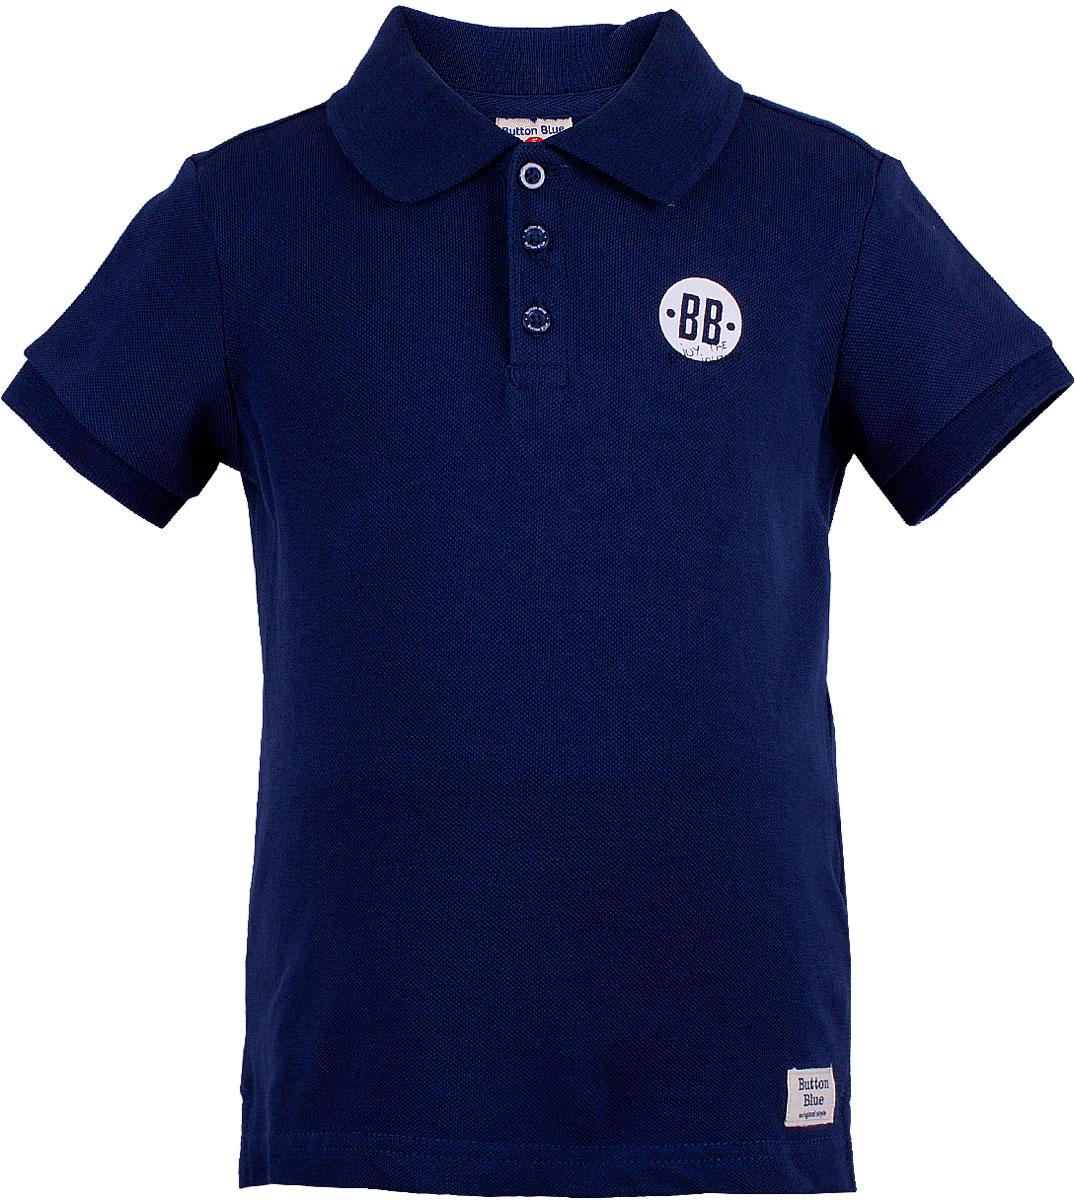 Поло для мальчика Button Blue, цвет: темно-синий. 118BBBC14011000. Размер 116118BBBC14011000Детское поло от Button Blue - отличная альтернатива футболке; недорогая и удобная одежда, которая помогает удачно расширить гардероб, позволяя не ходить каждый день в одном и том же. Модель с короткими рукавами и отложным воротником на груди застегивается на пуговицы. Купить поло для мальчика от Button Blue, значит обеспечить его стильной и модной моделью, которая добавит в его образ аристократичности. Поло прекрасно сочетается как с повседневной, так и со спортивной одеждой, а шрифтовая надпись на спине добавляет ему оригинальности.